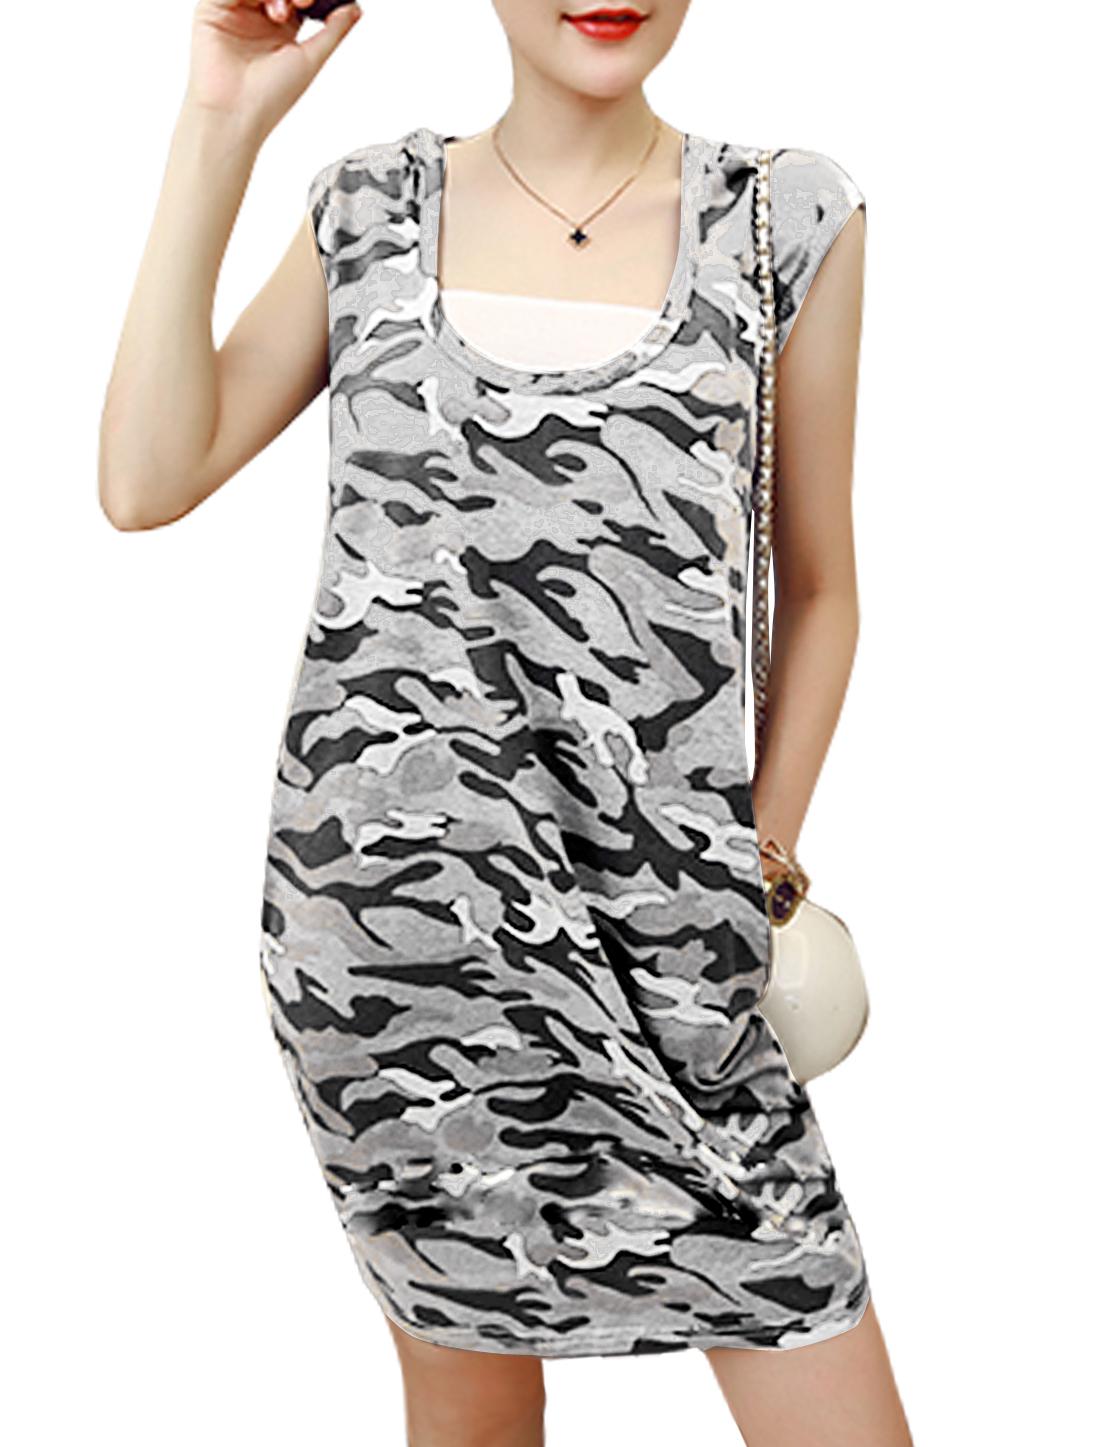 Women U Neck Cap Sleeve Hooded Camouflage Pattern Dress Gray S